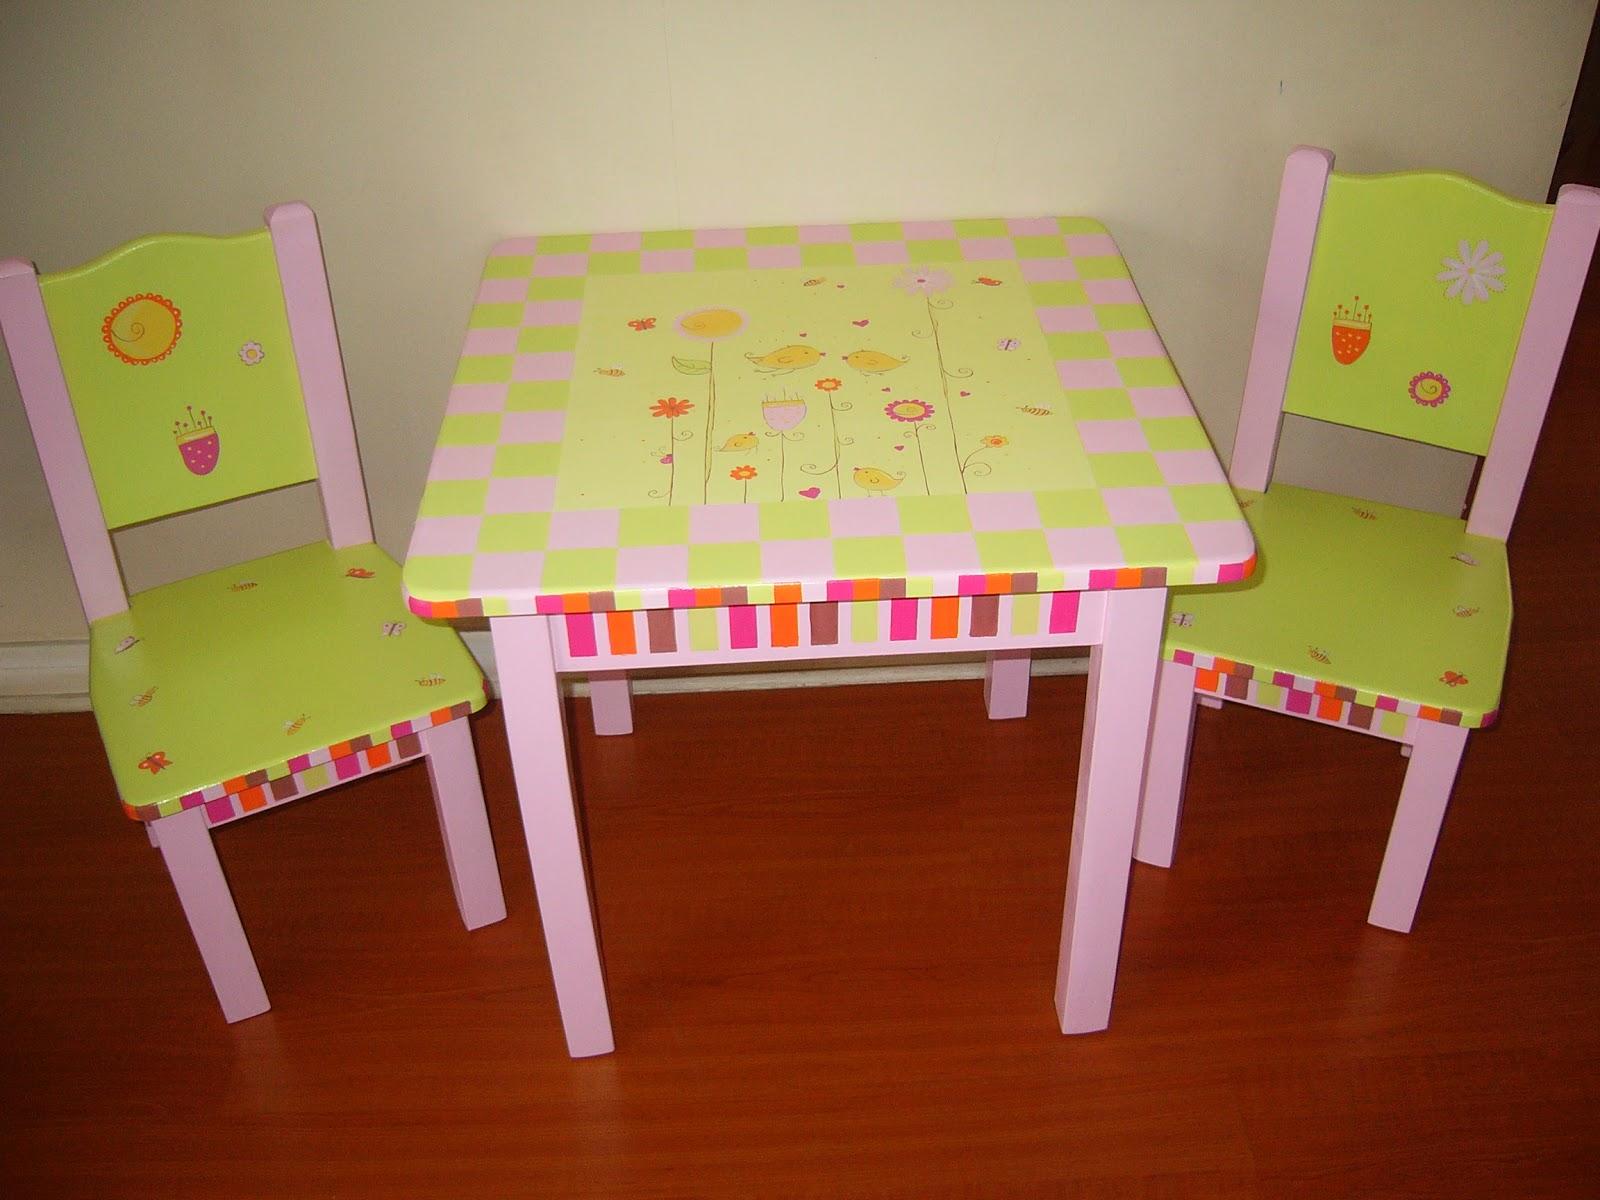 de mesas y sillas tienen un valor de $95000 (excepto la mesita de